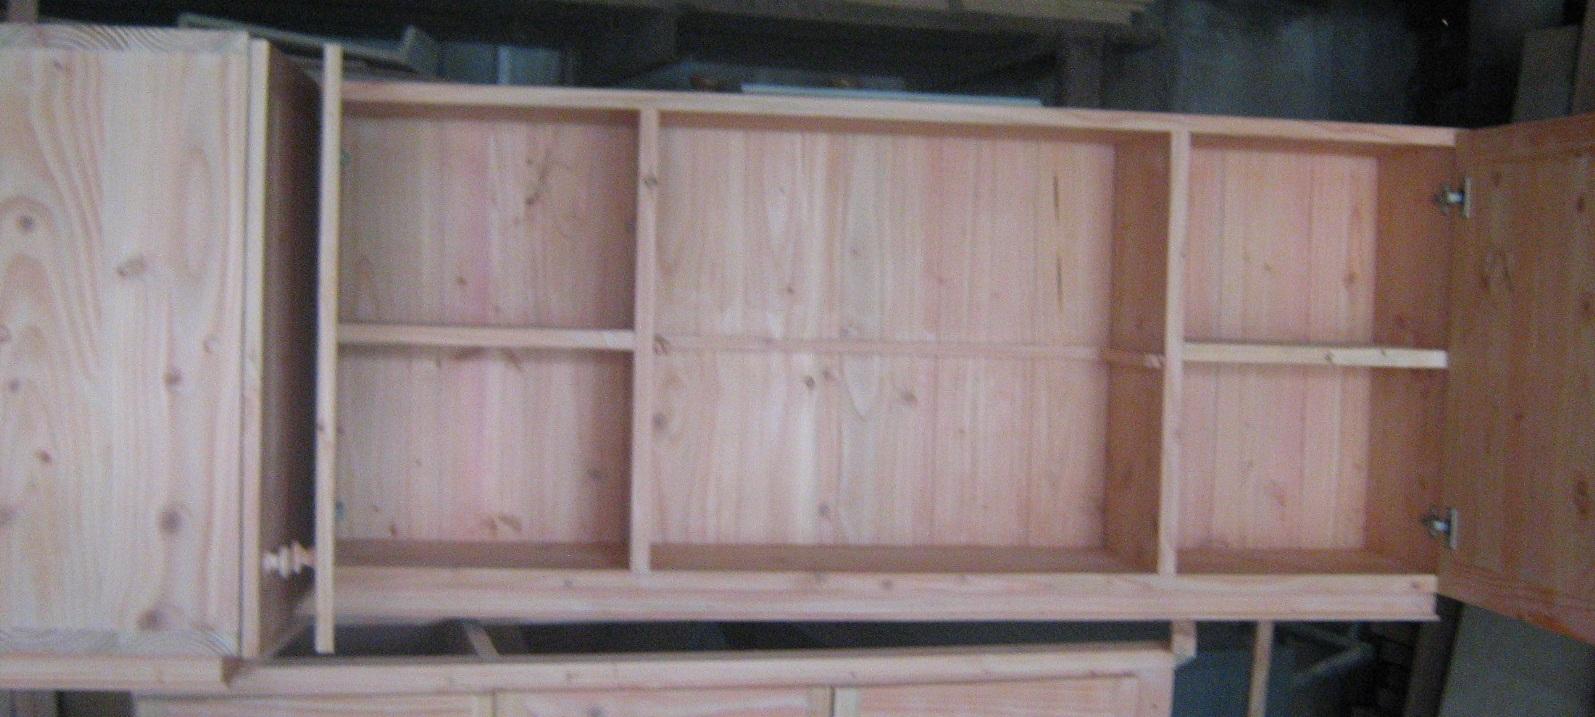 Mueble de cocina fabricaci n de muebles puertas y for Muebles de cocina para microondas